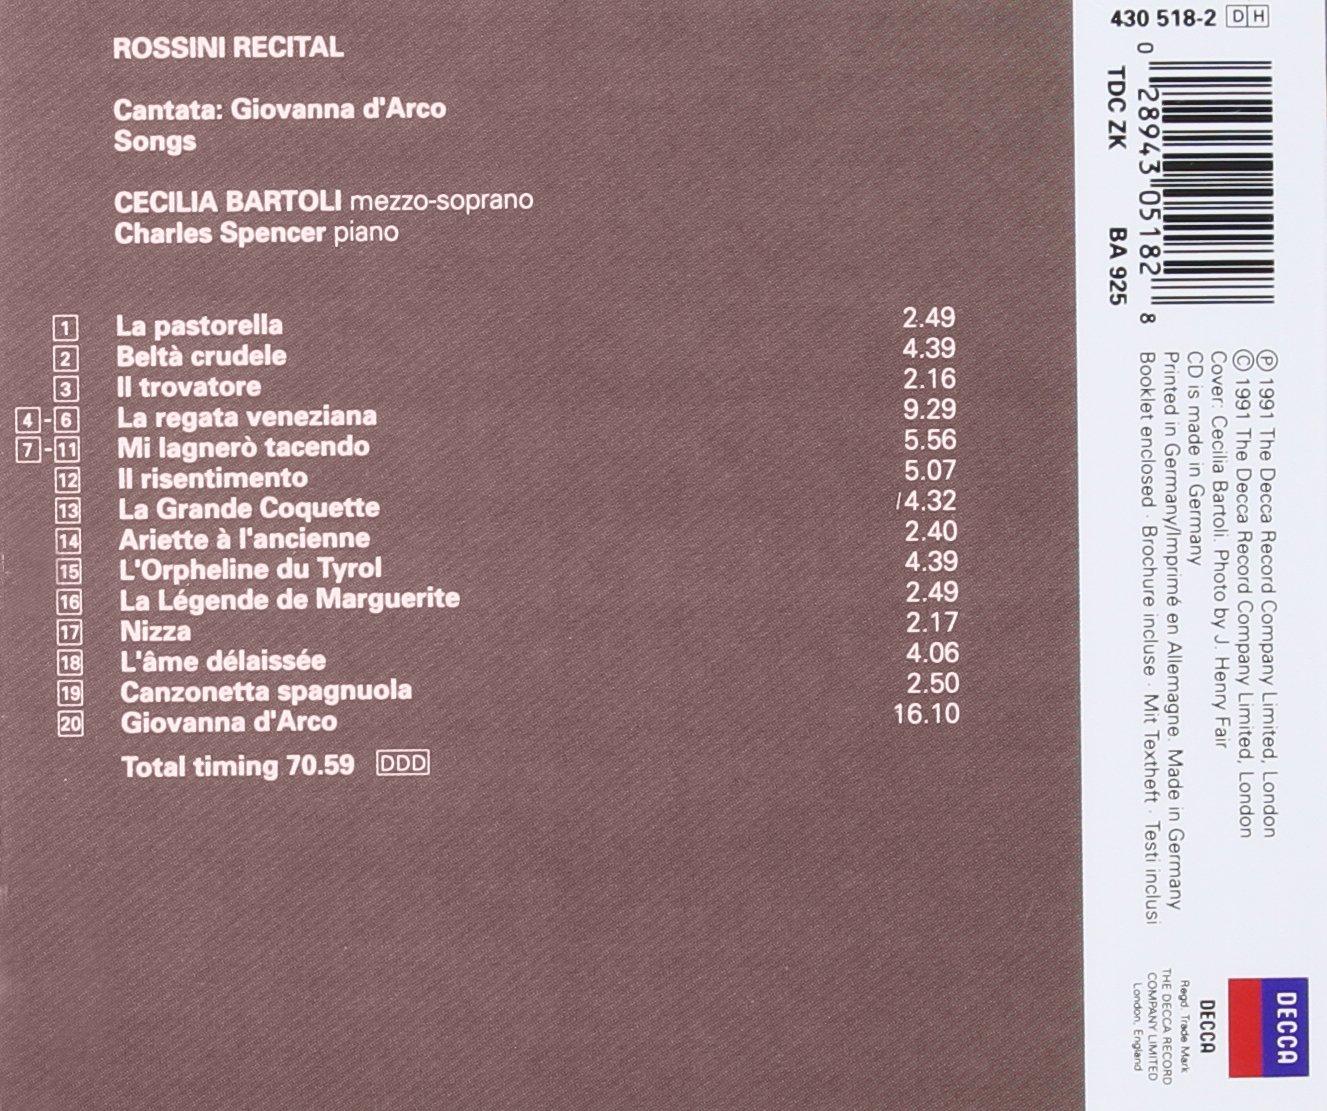 Cecilia Bartoli - Rossini Recital ~ 19 Songs & Cantata: Giovanna dArco